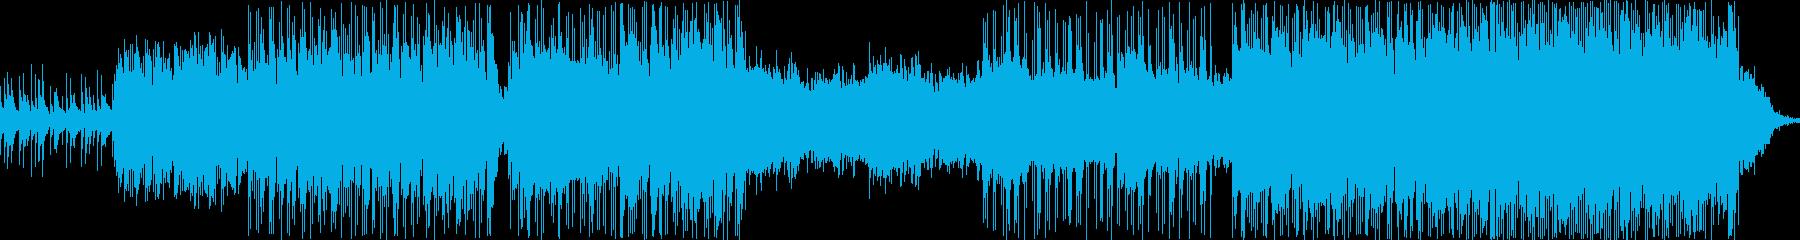 ポップ 感情的 説明的 静か ハイ...の再生済みの波形